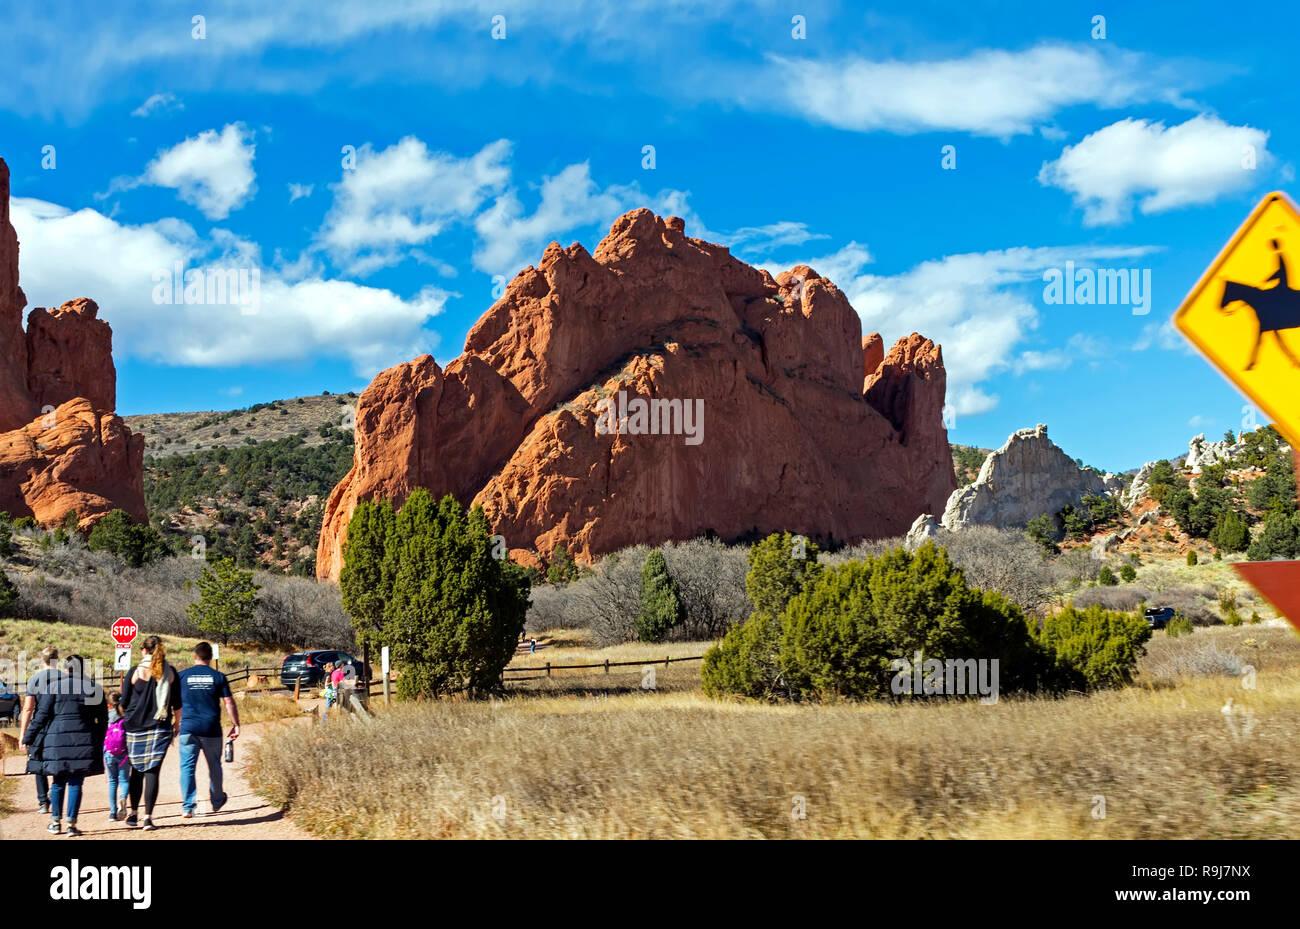 COLORADO SPRINGS,AMERICA - NOVEMBER 04, 2017:A panorama of Garden of the Gods in Colorado Springs,America. - Stock Image